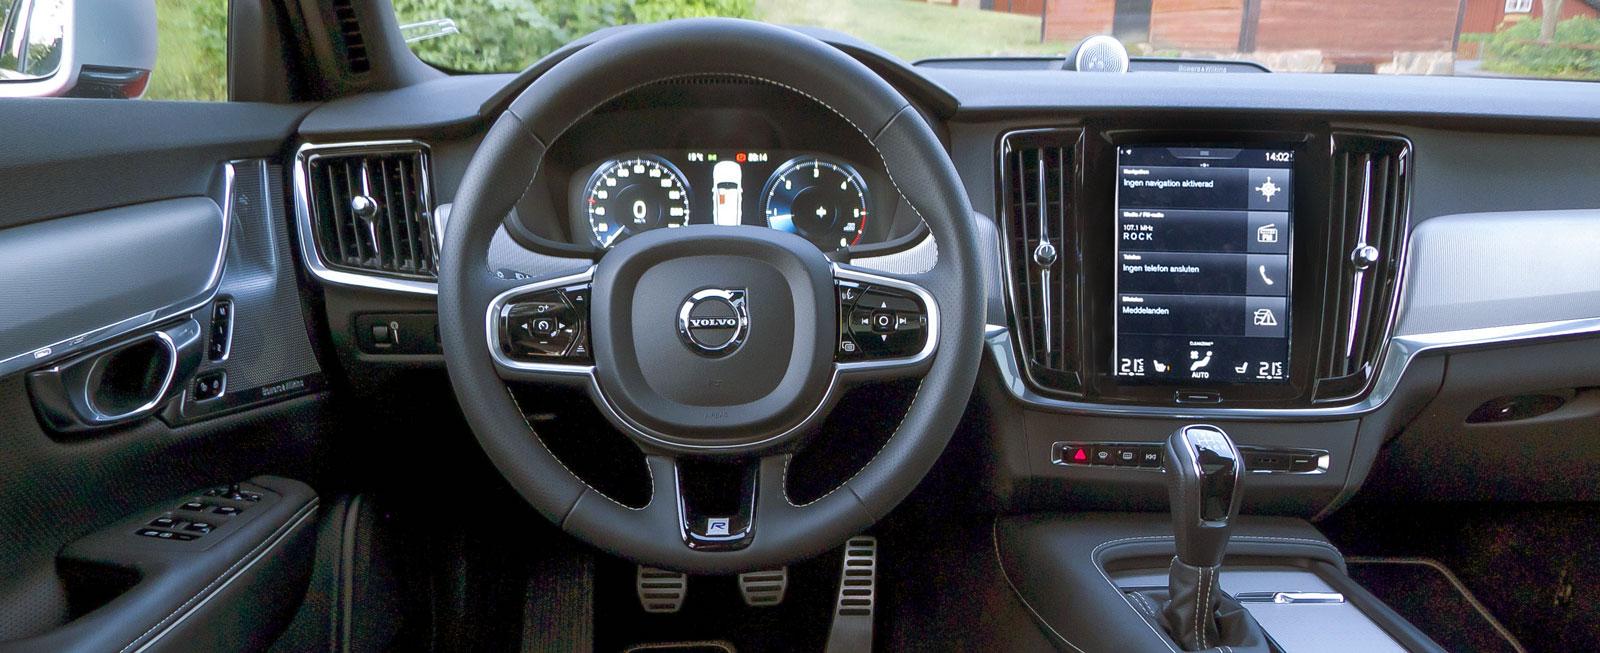 Stramare stil, bra ergonomi med nästan alla funktioner samlade i Sensusskärmens menyer. Finishen är lika hög i Volvo V90 som i de tyska bilarna.